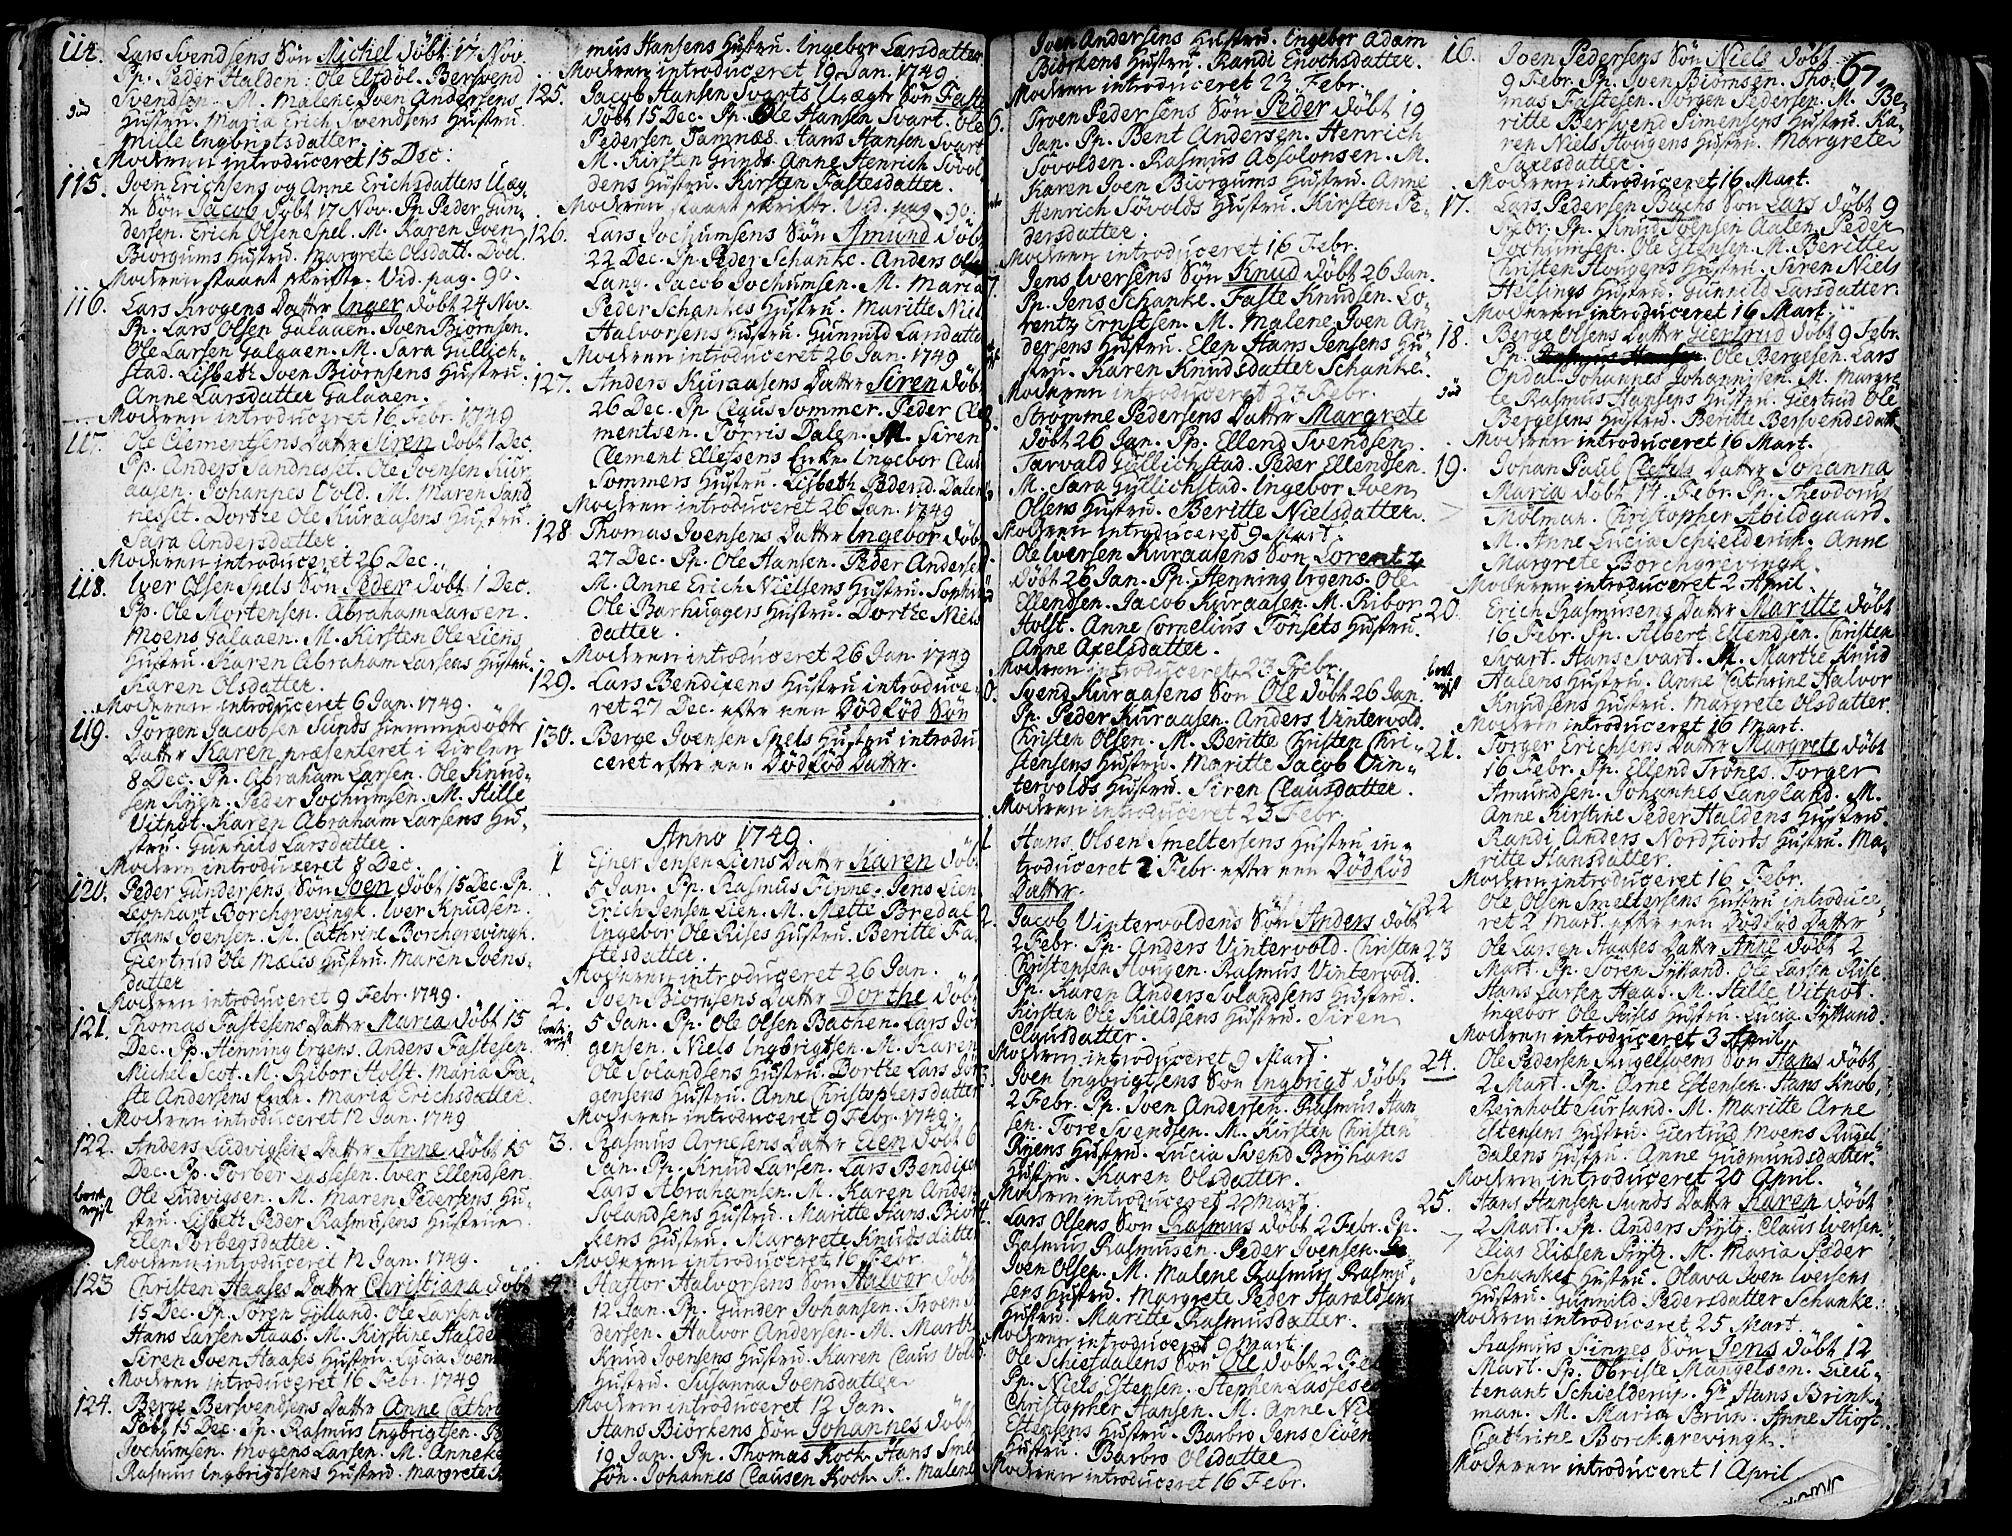 SAT, Ministerialprotokoller, klokkerbøker og fødselsregistre - Sør-Trøndelag, 681/L0925: Ministerialbok nr. 681A03, 1727-1766, s. 67